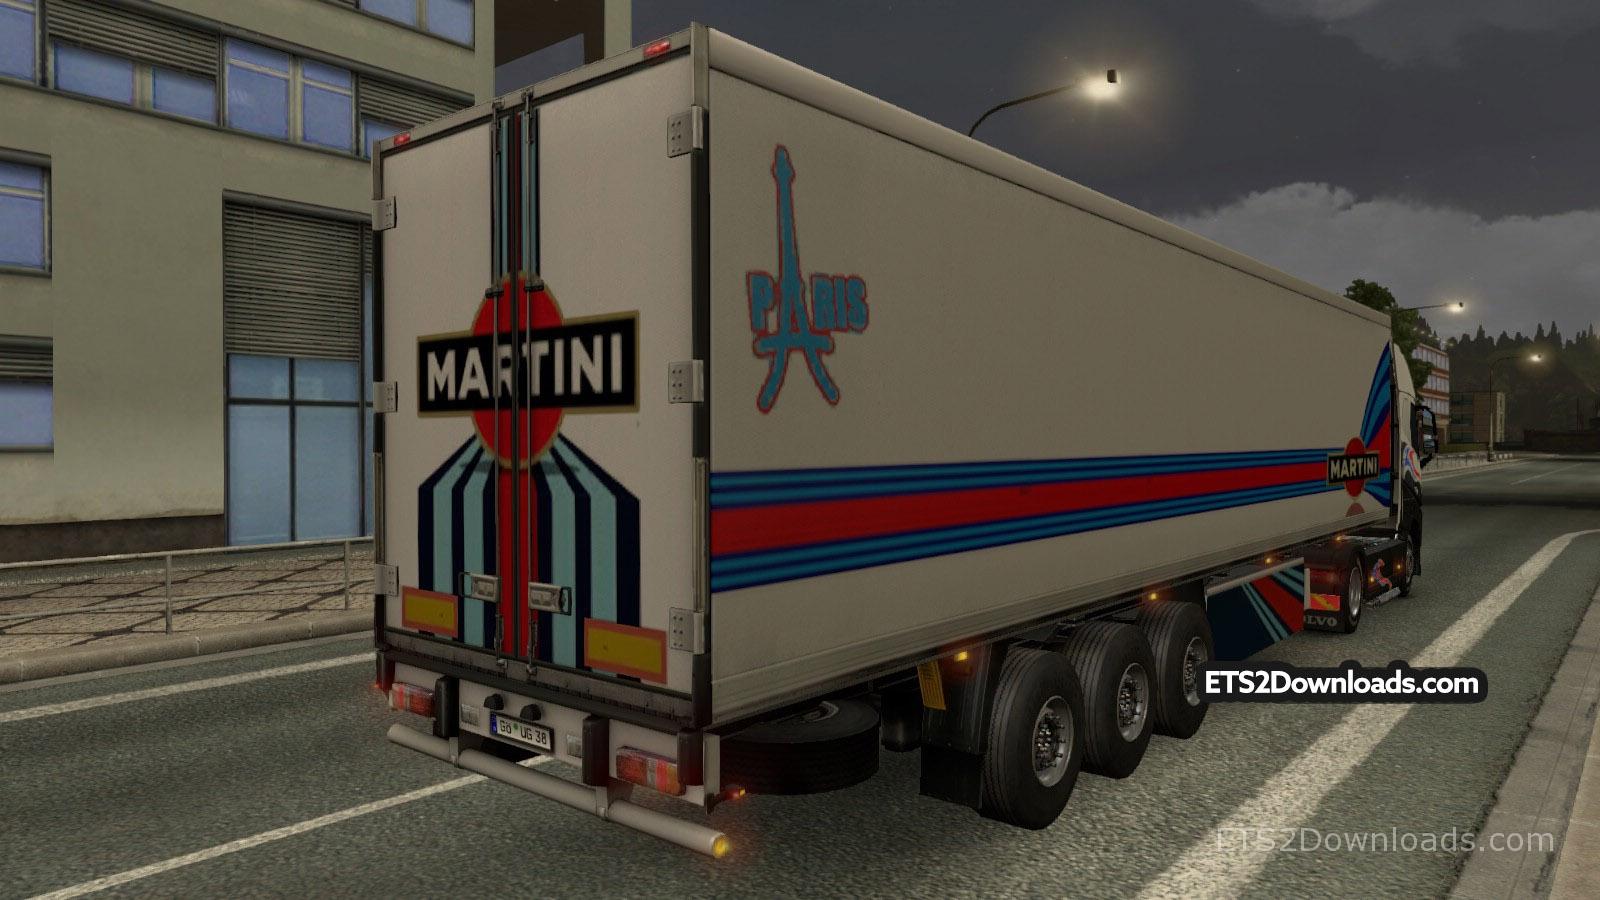 martini-trailer